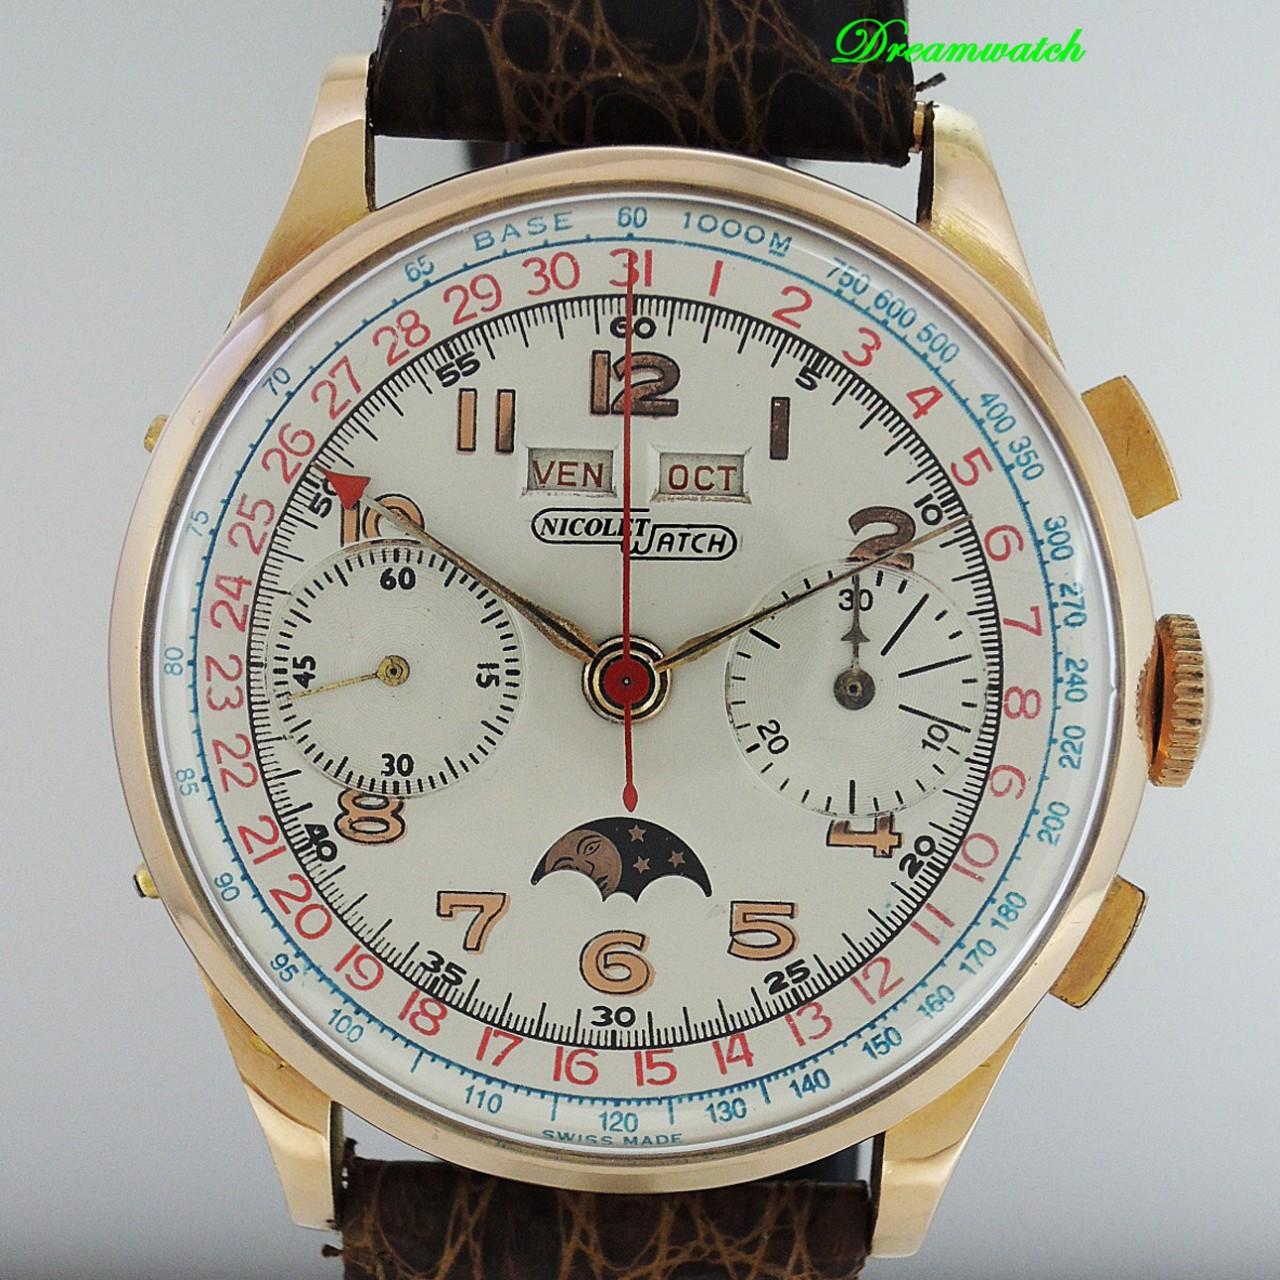 Nicolet-watch Vollkalender Chronograph Mondphase Venus 200 18k Rosegold